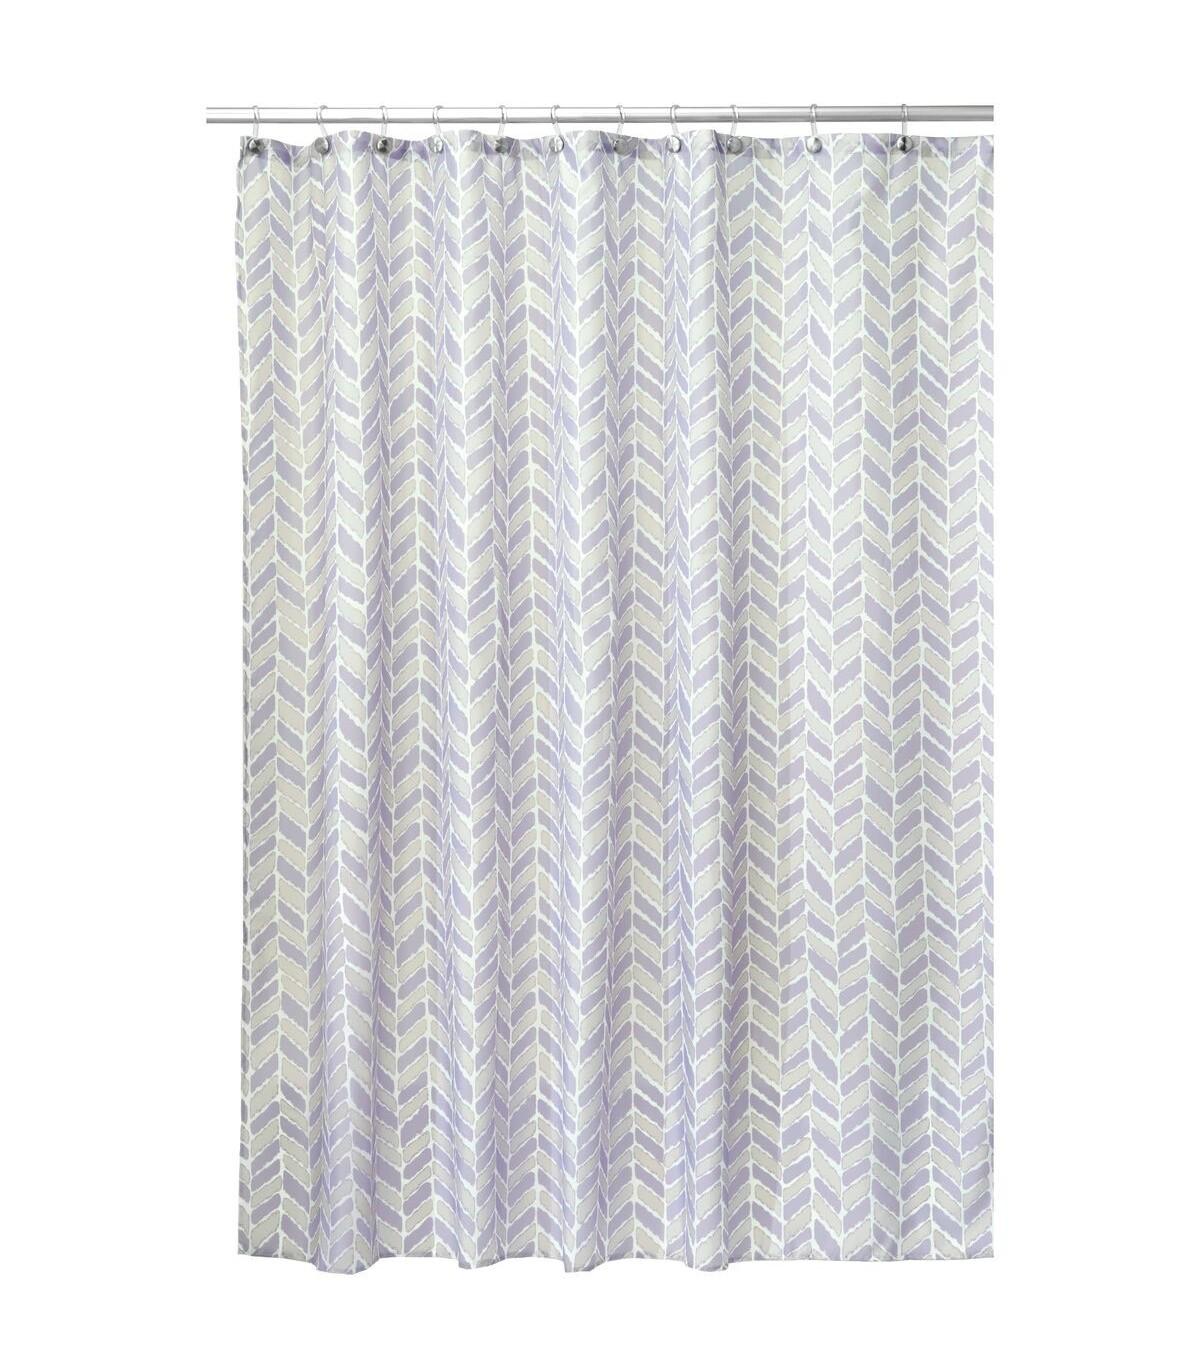 Rideau de douche avec motifs - Taupe et lavande - 183 x 2.3 x H183 cm